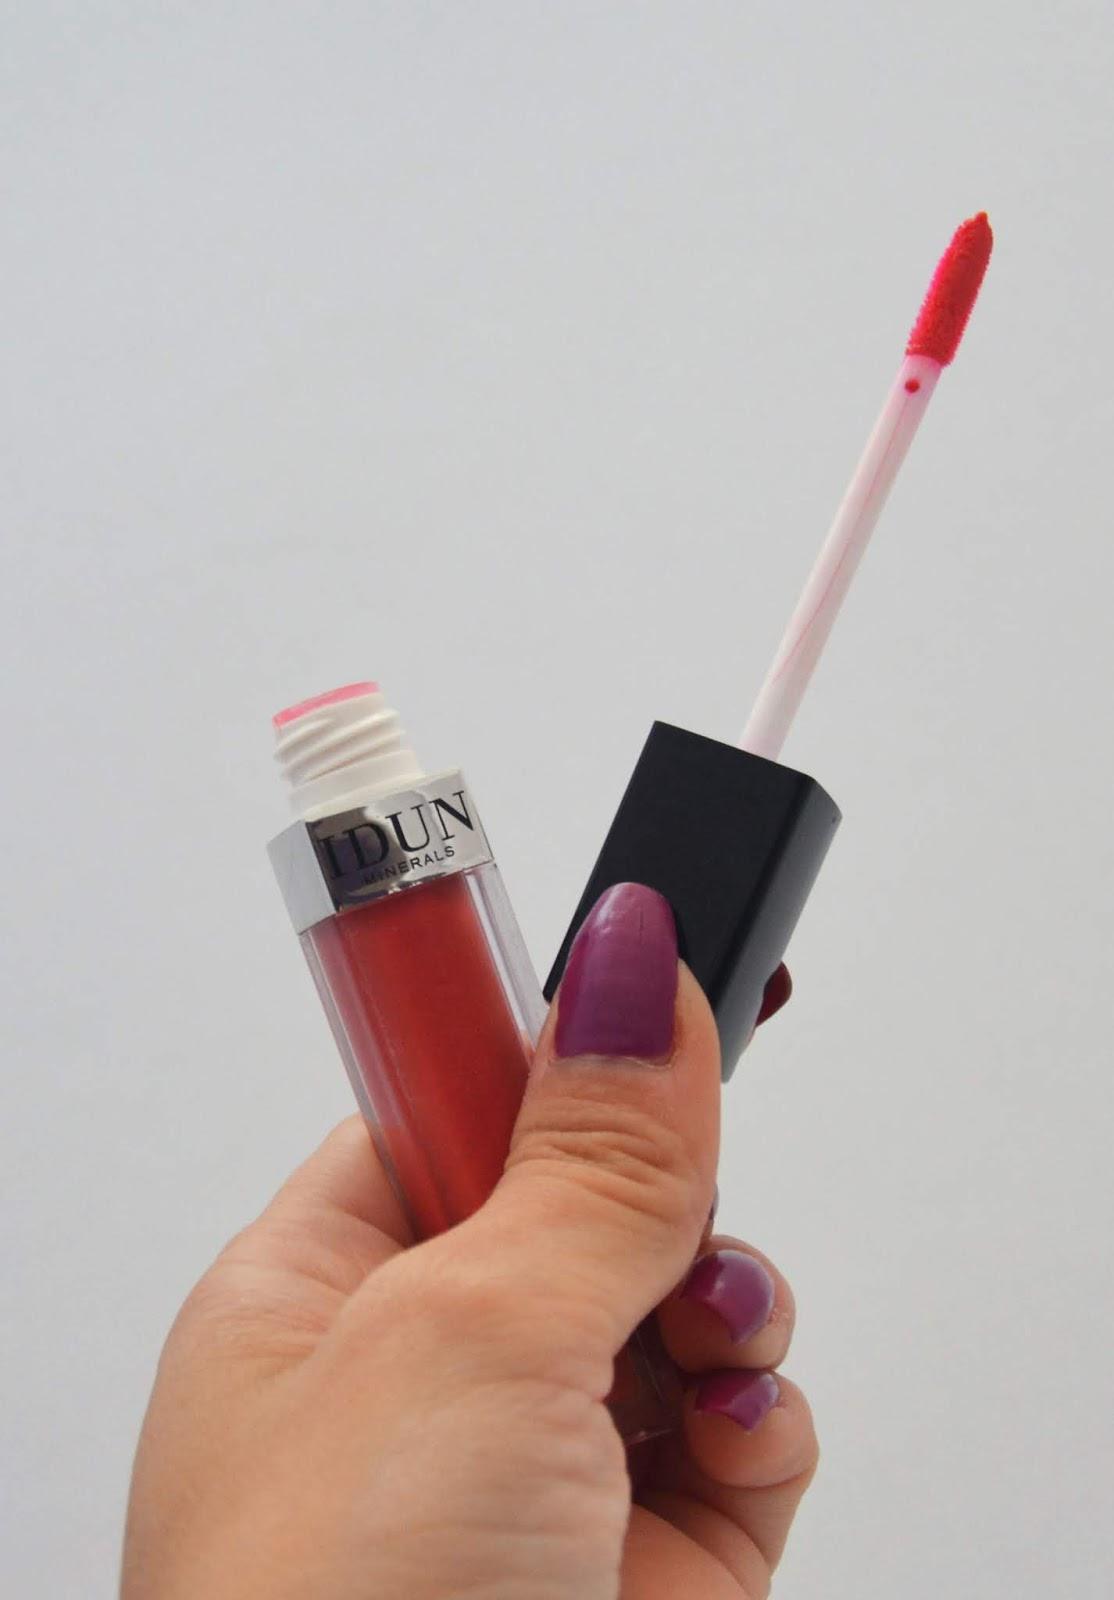 idun-minerals-lip-gloss-anna